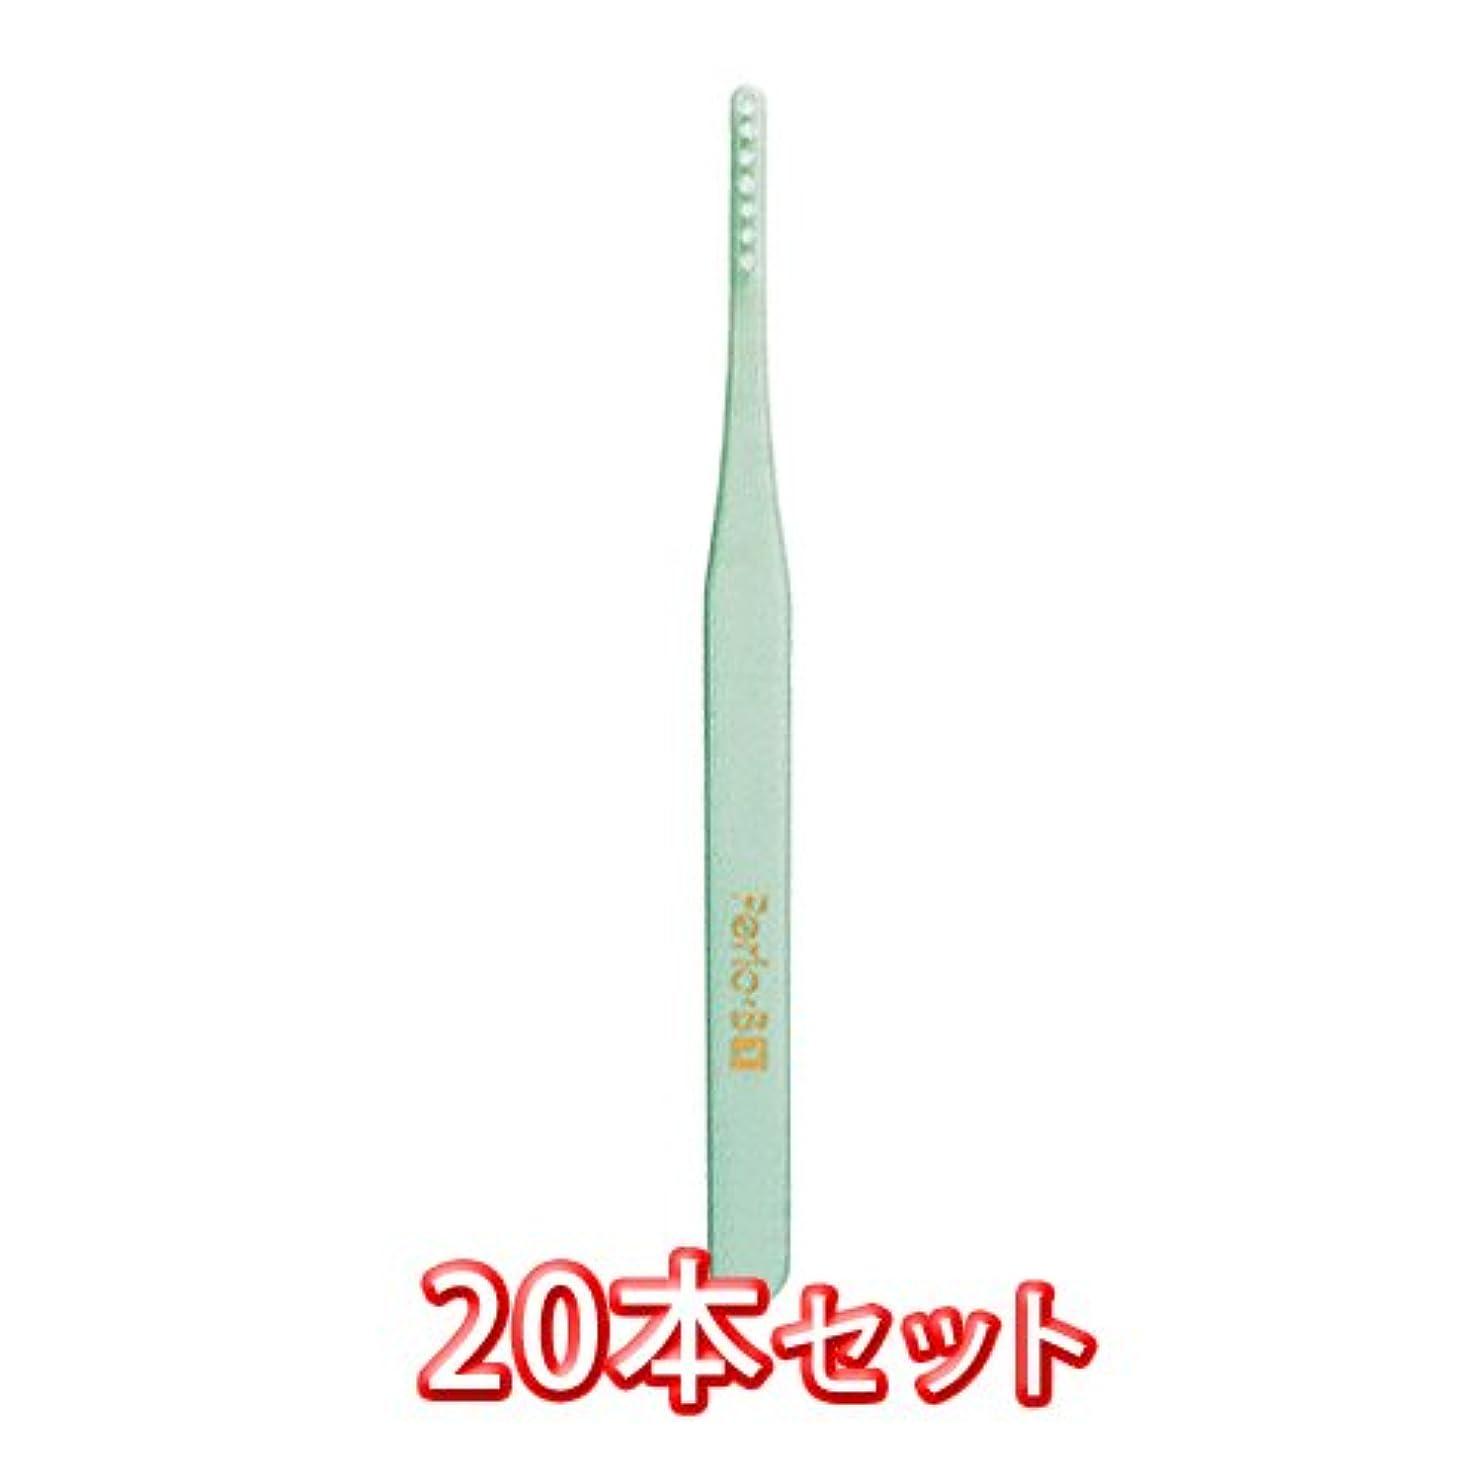 ロケットエクステントただやるサンスター ペリオ歯ブラシ 20本入 ぺリオB1